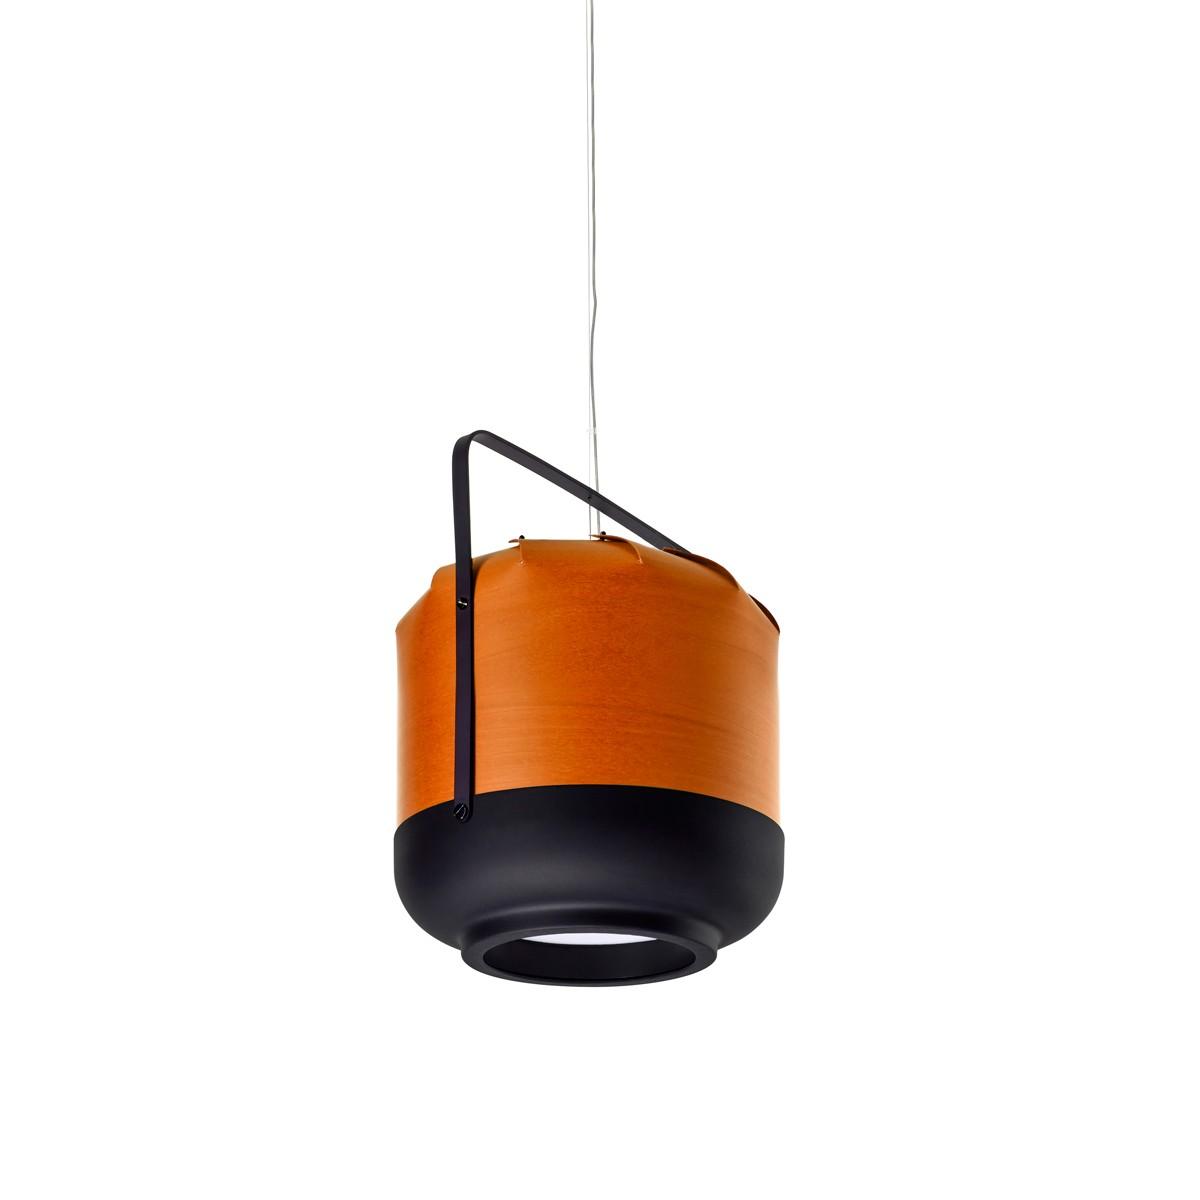 LZF Lamps Chou Short Pendelleuchte, orange